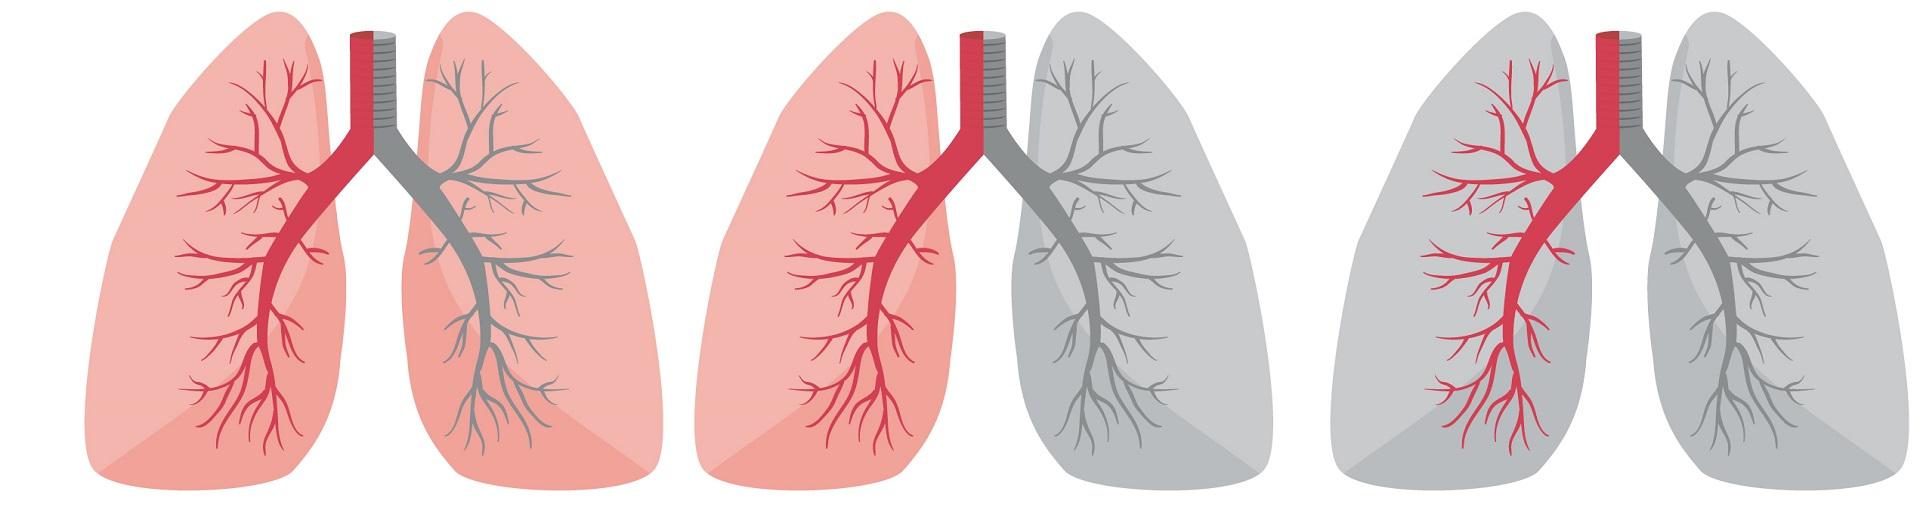 Curso Terapia Ventilatoria y Ventilación Mecánica